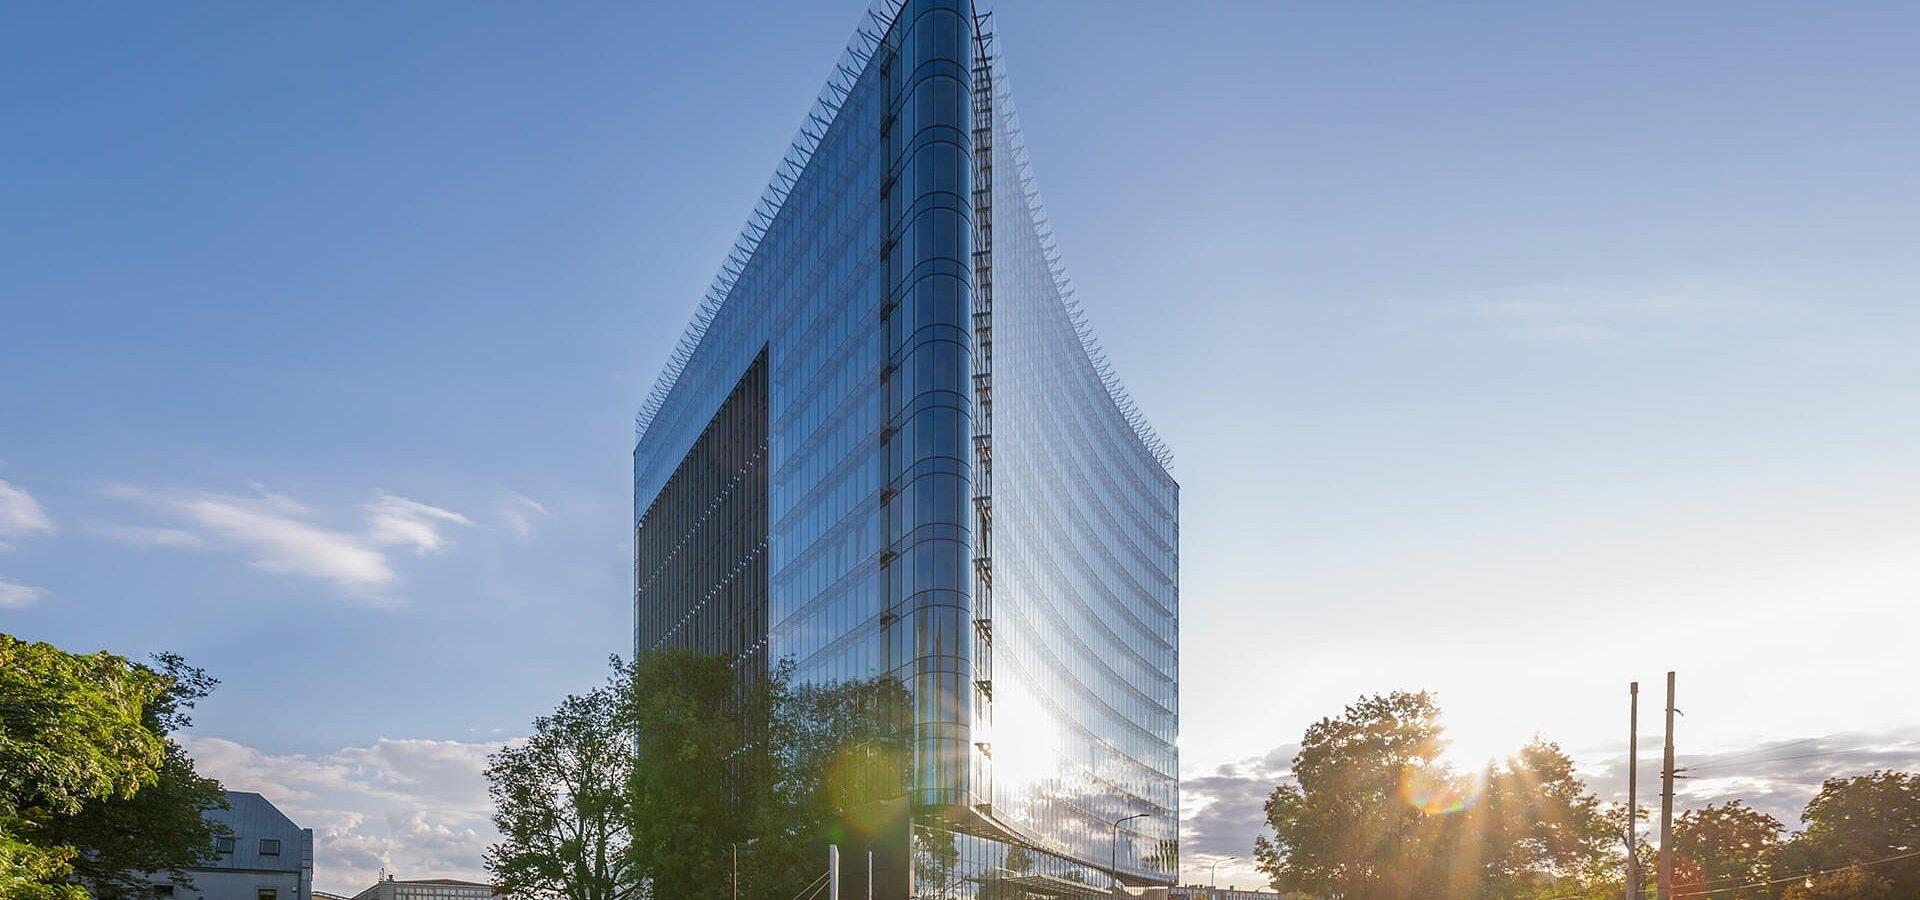 Firma Selsey wprowadza się do Carbon Tower we Wrocławiu